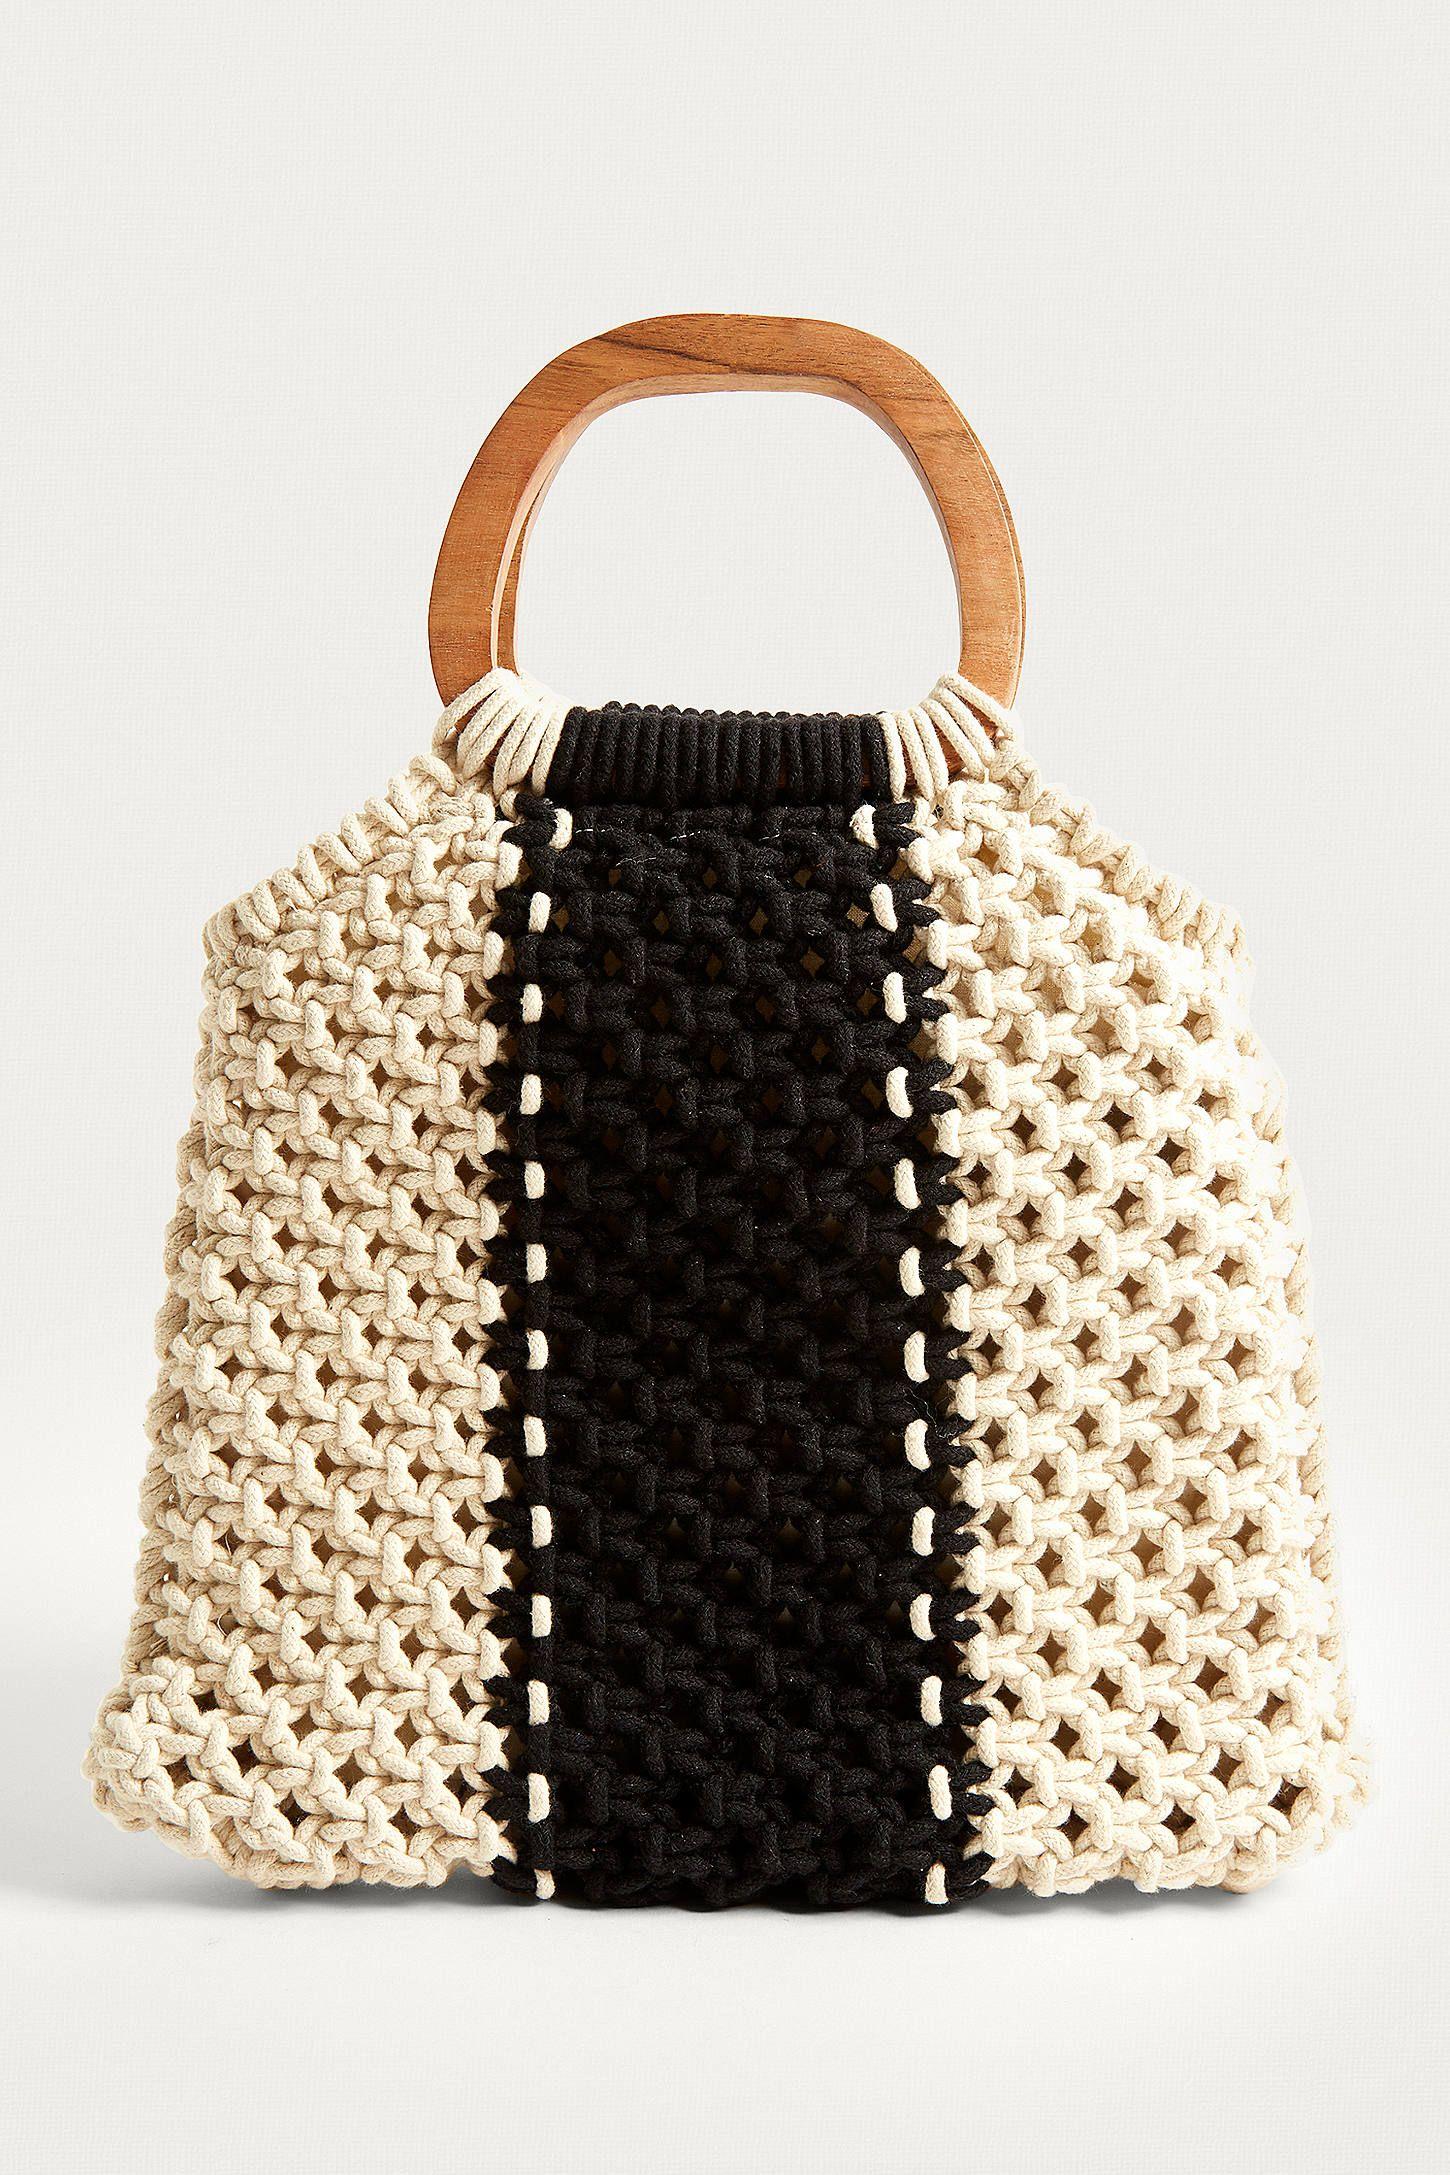 Macrame Wood Handle Bag Macrame Bag Bags Crochet Bags Purses